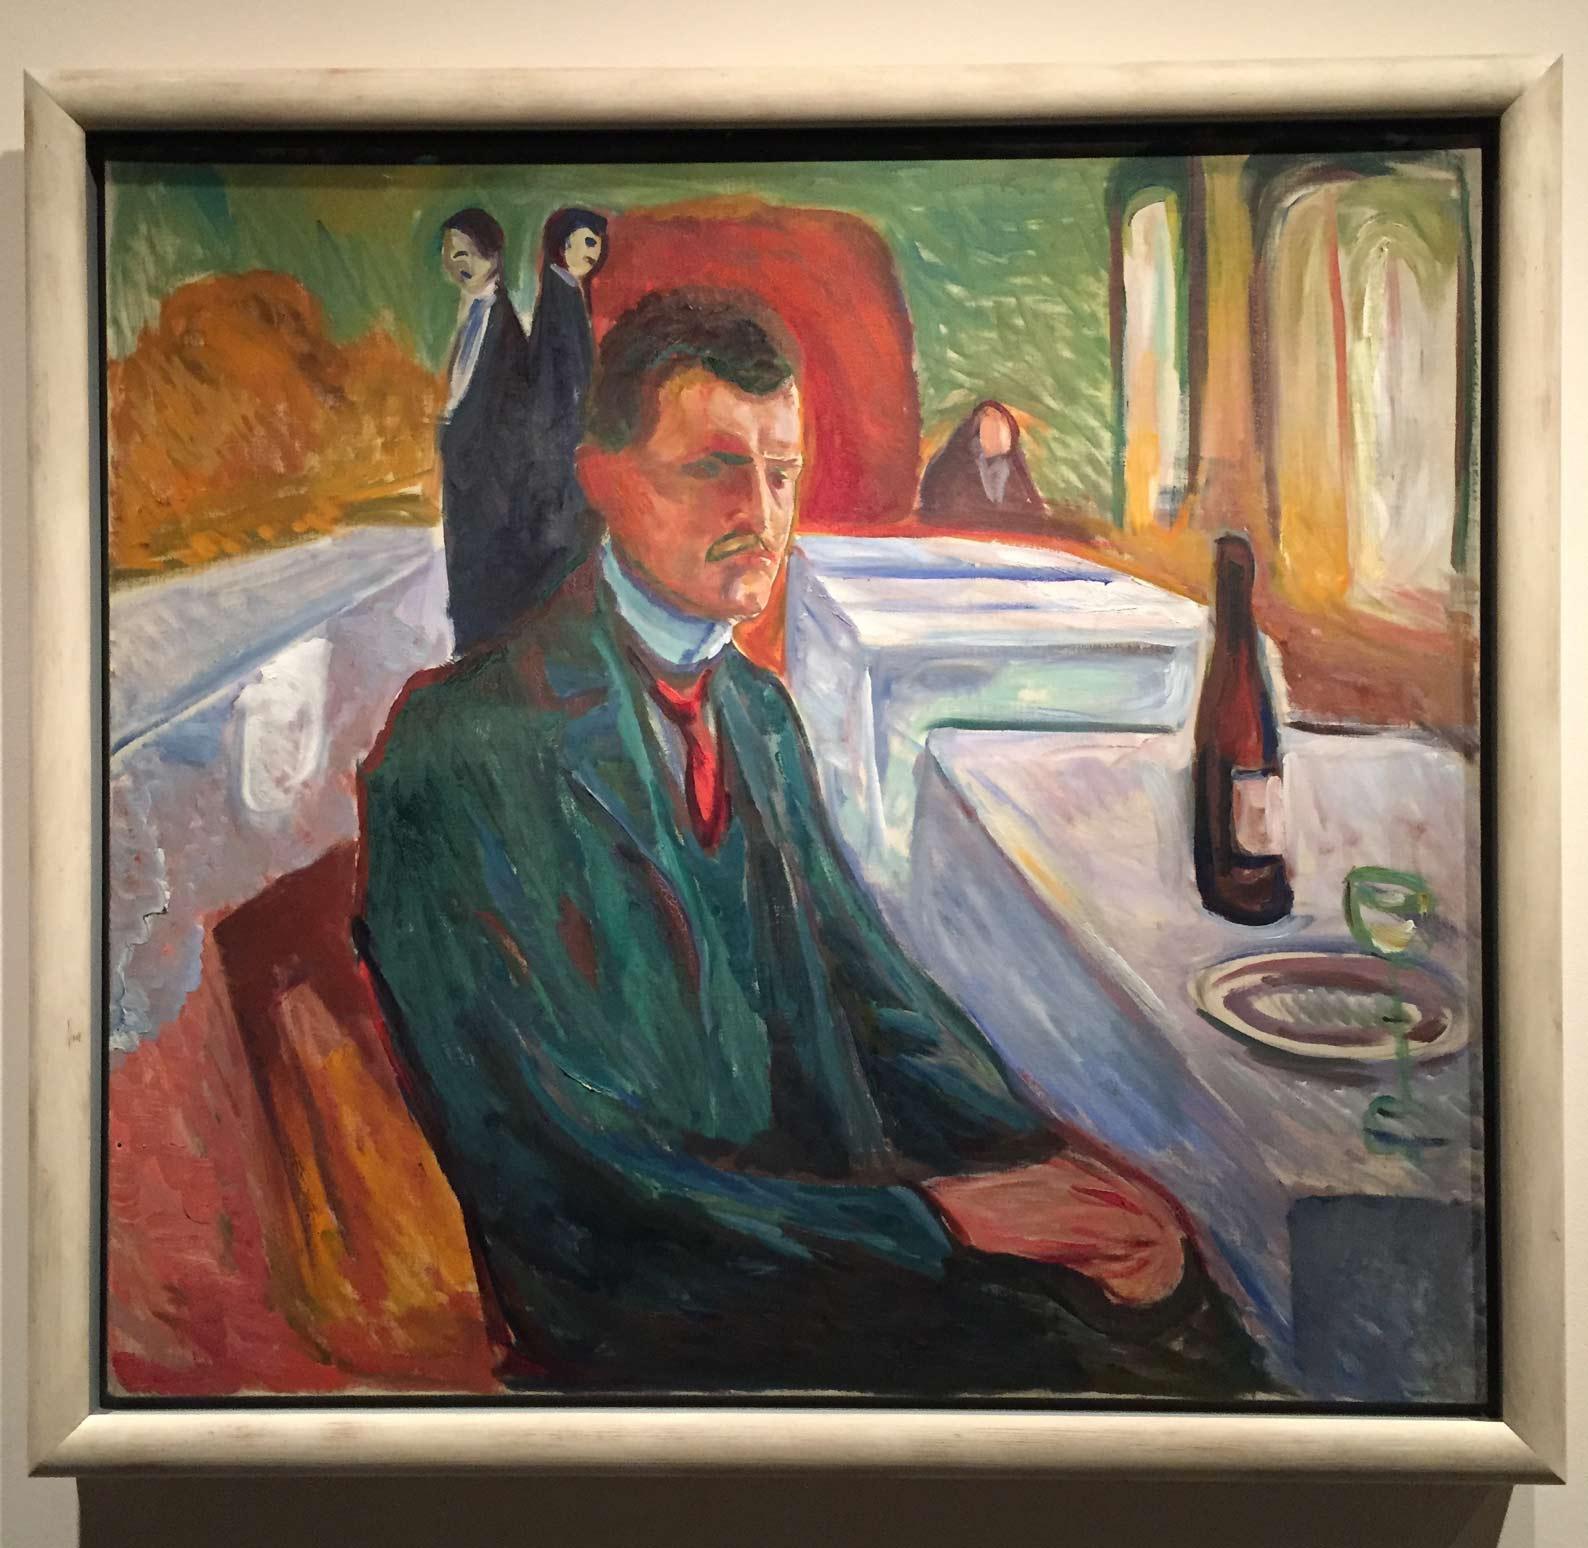 Edvard-Munch-Self-Portrait-Bottle-Wine-1906-Munch-Museum.jpg